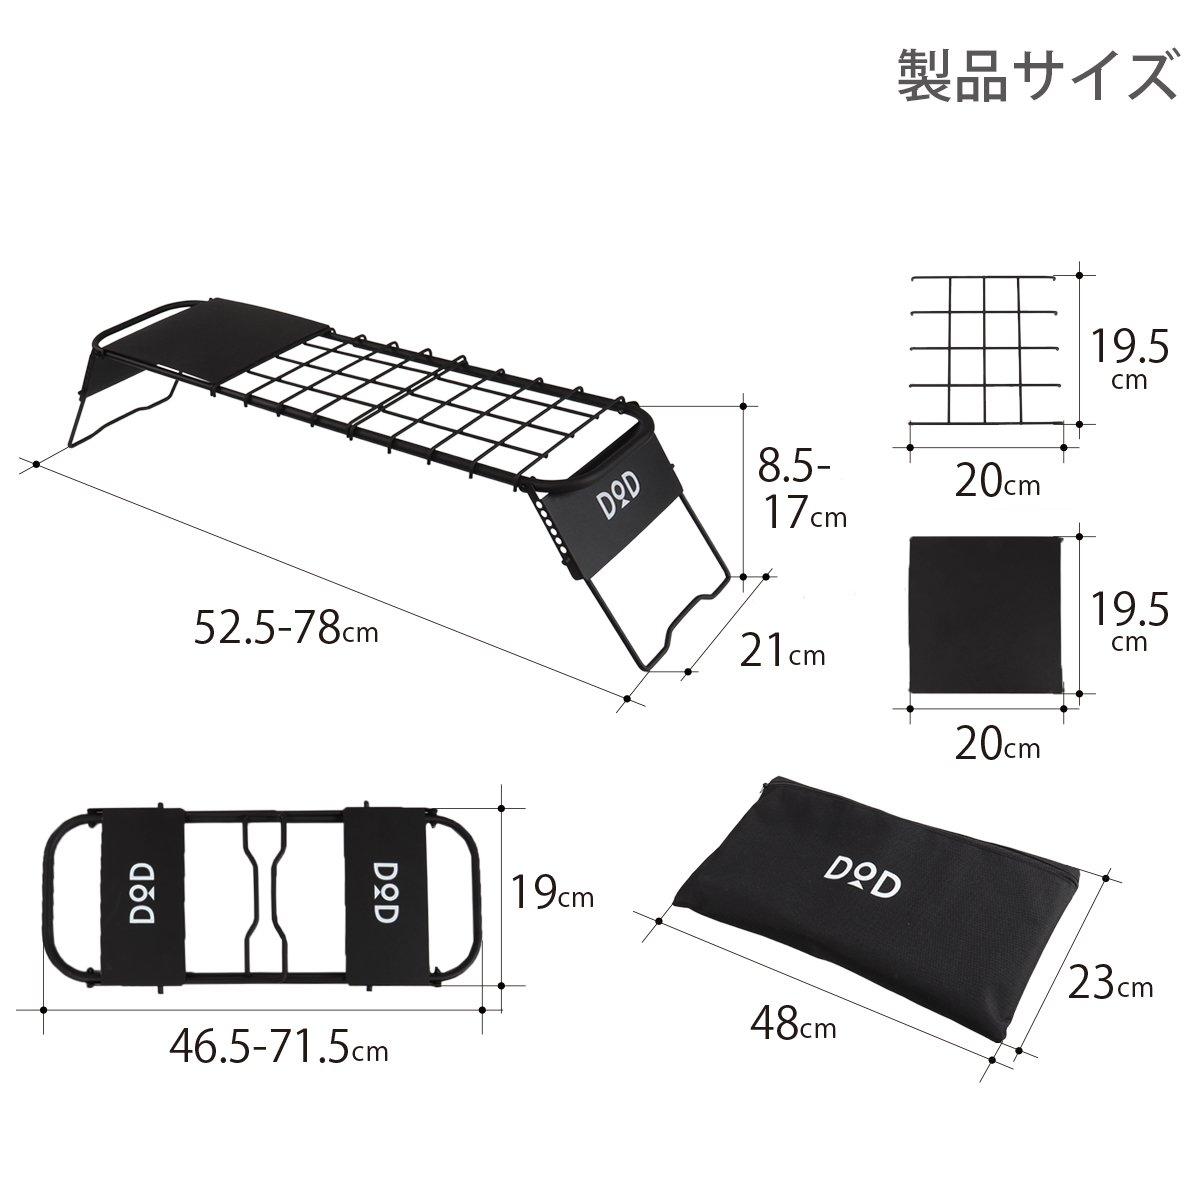 日本 DOPPELGANGER /  DOD營舞者 迷你廚房桌 / TB1-567。1色。(6800*3.3)日本必買代購 / 日本樂天。件件免運 4